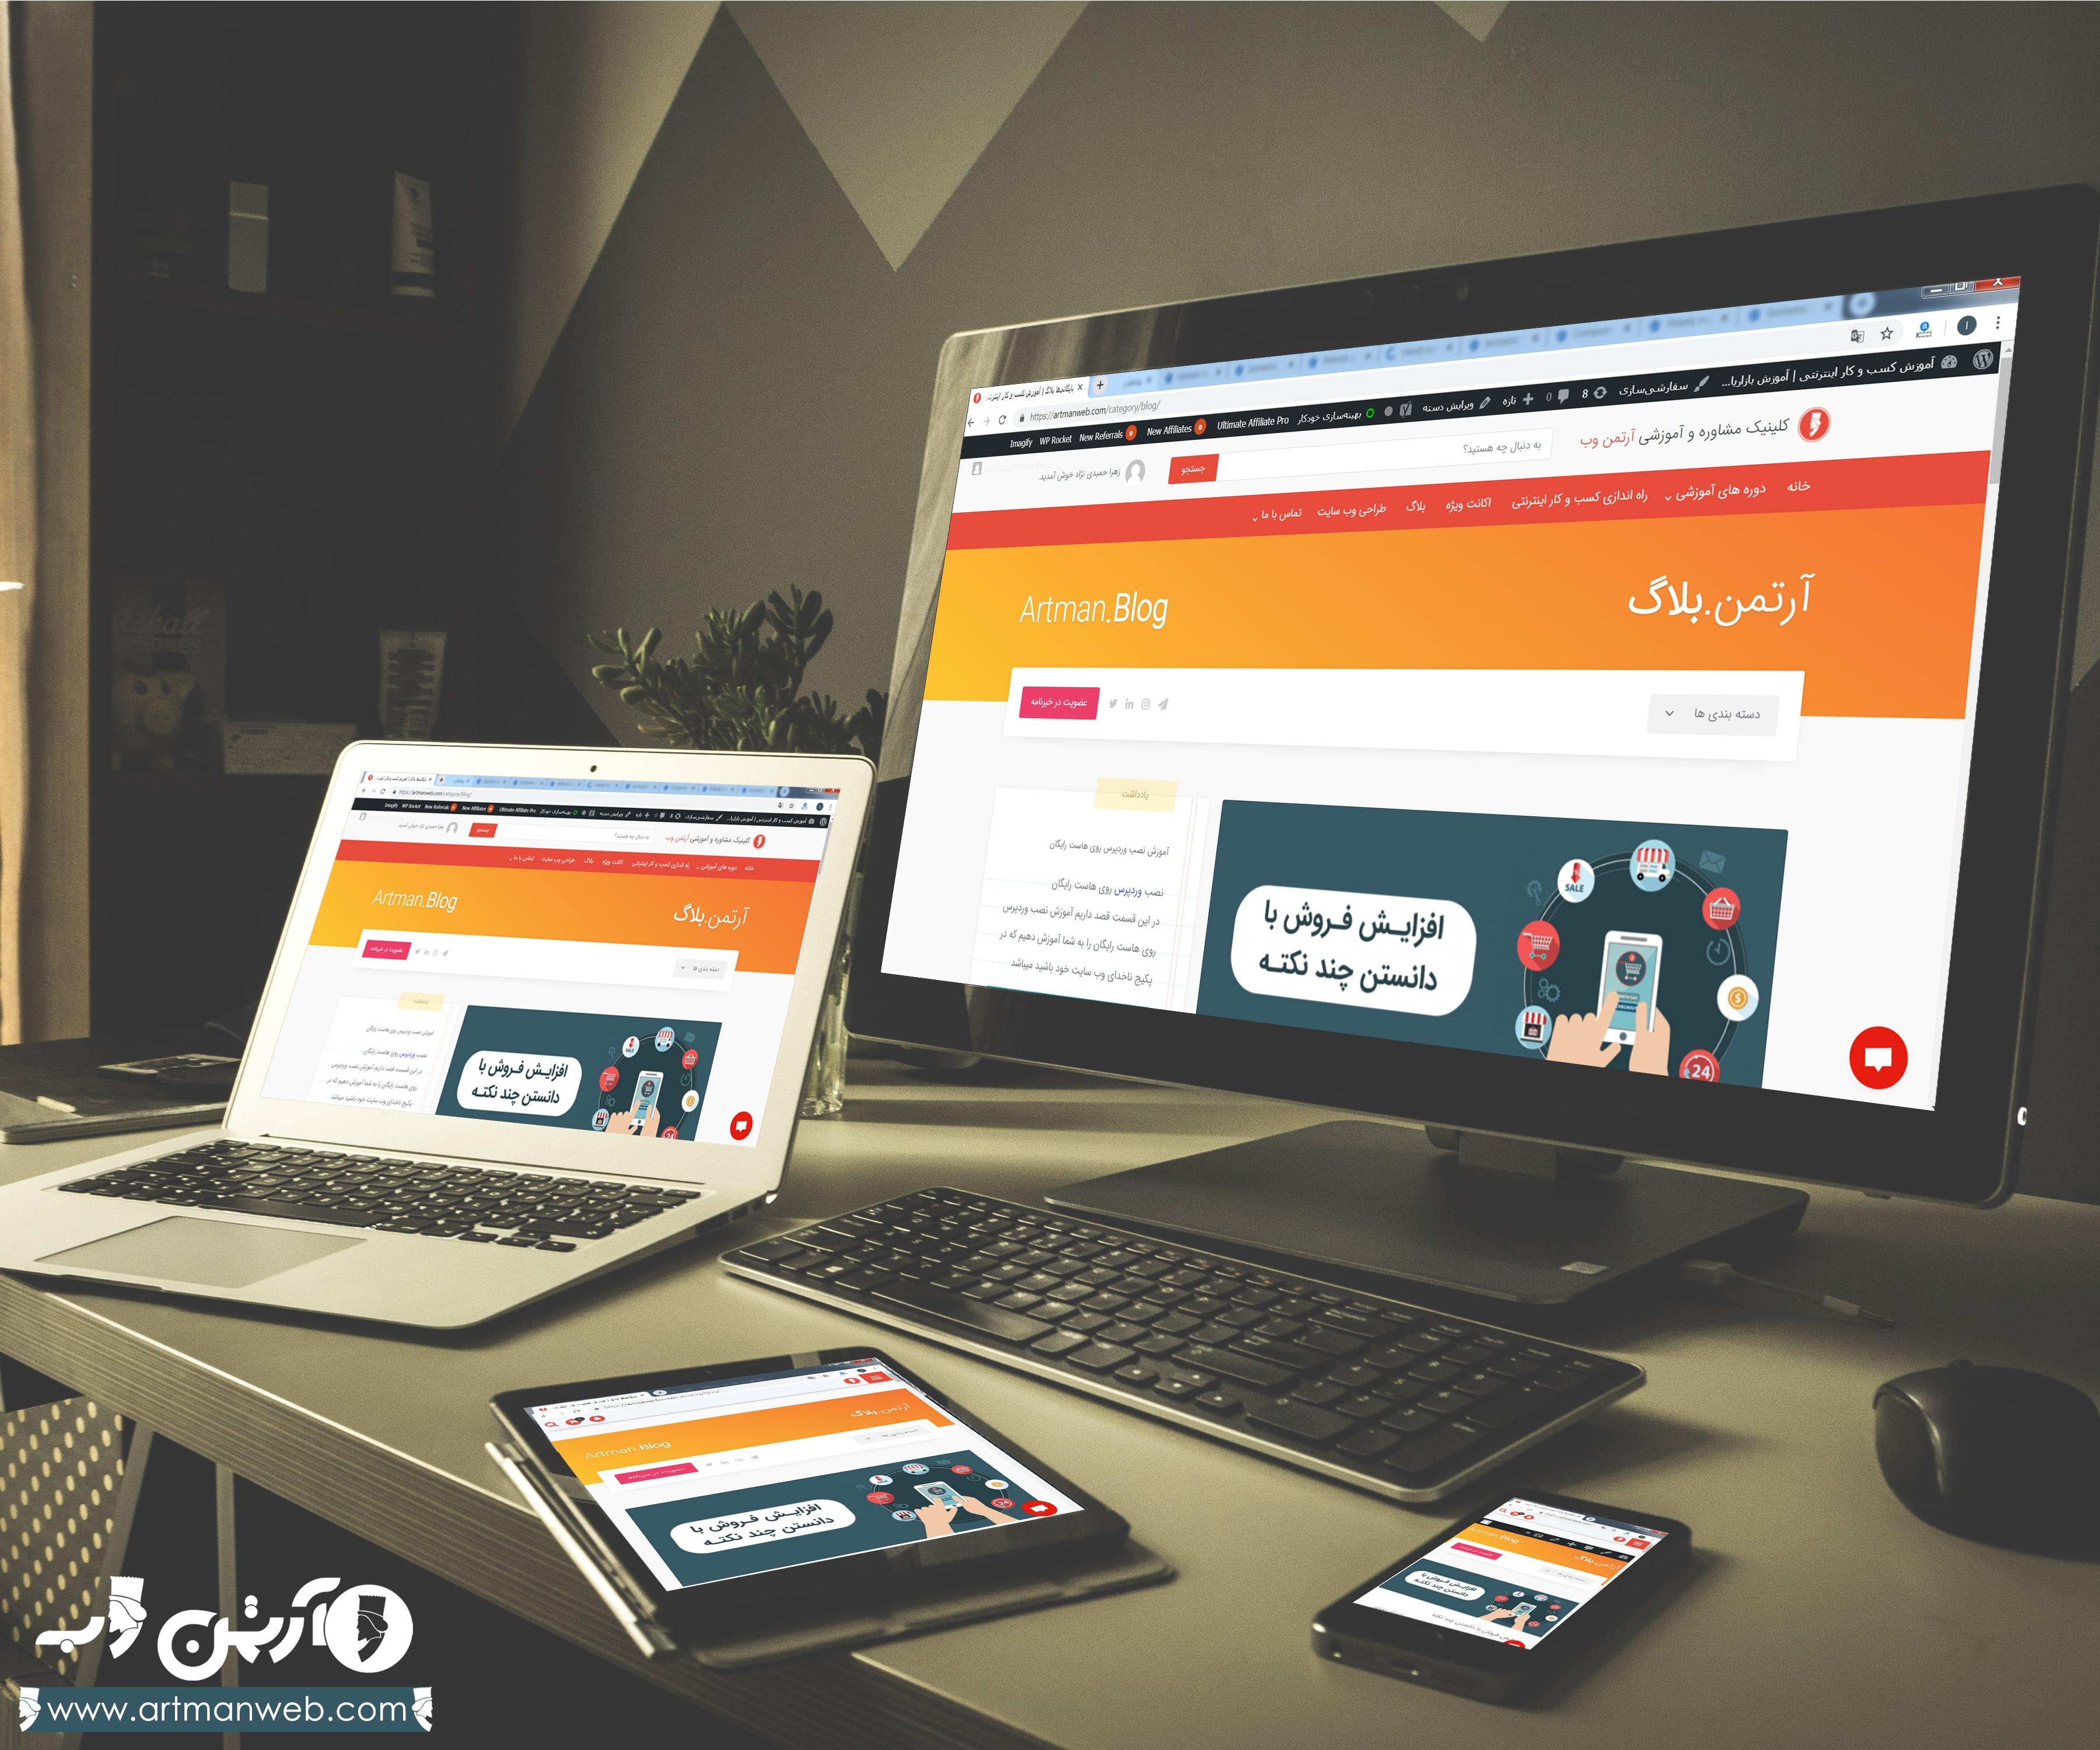 بهترین زمان مناسب برای بروز رسانی وب سایت از نظر سئو